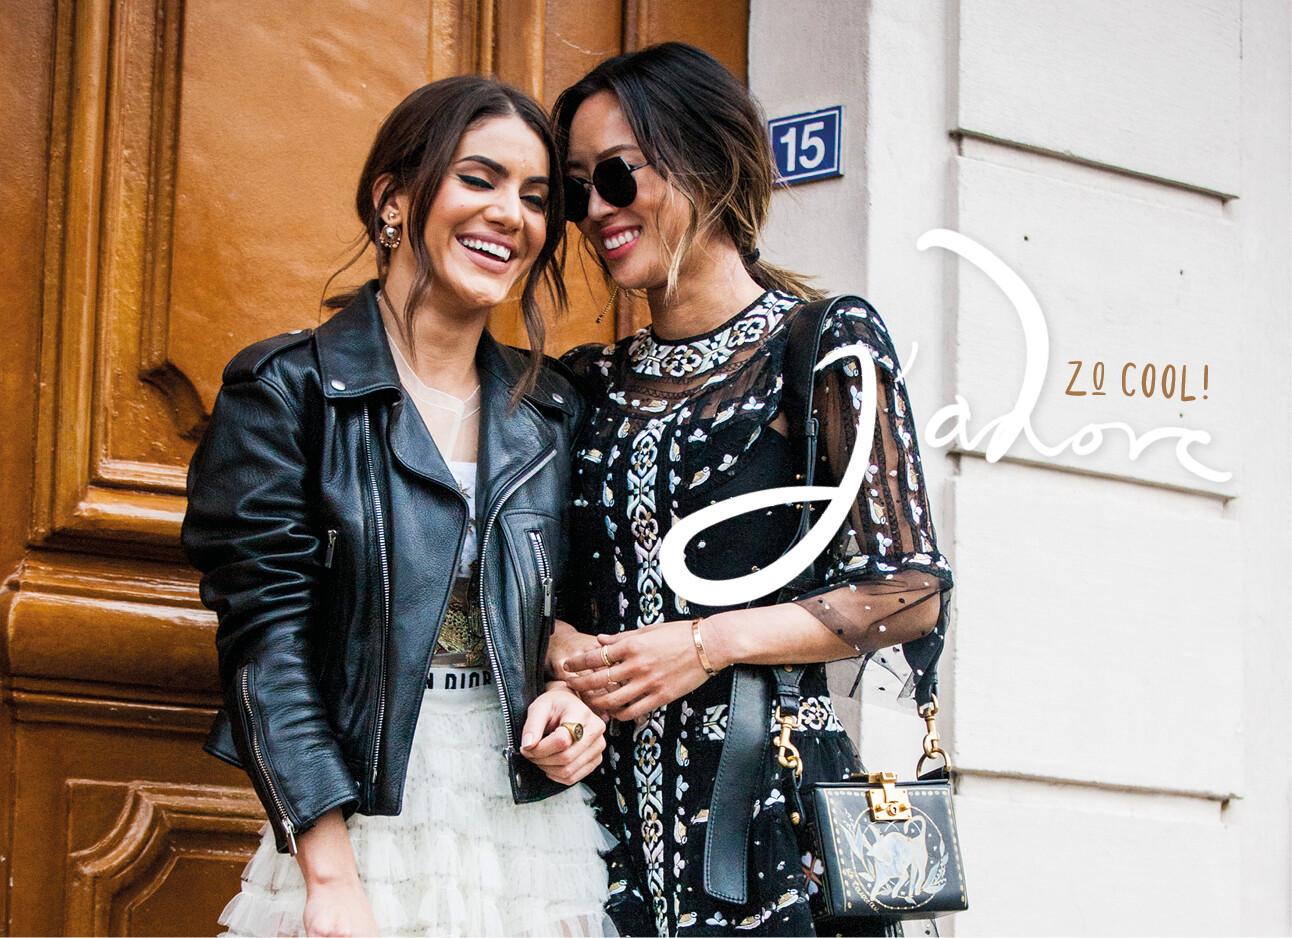 2 lachende vrouwen in Dior kleding